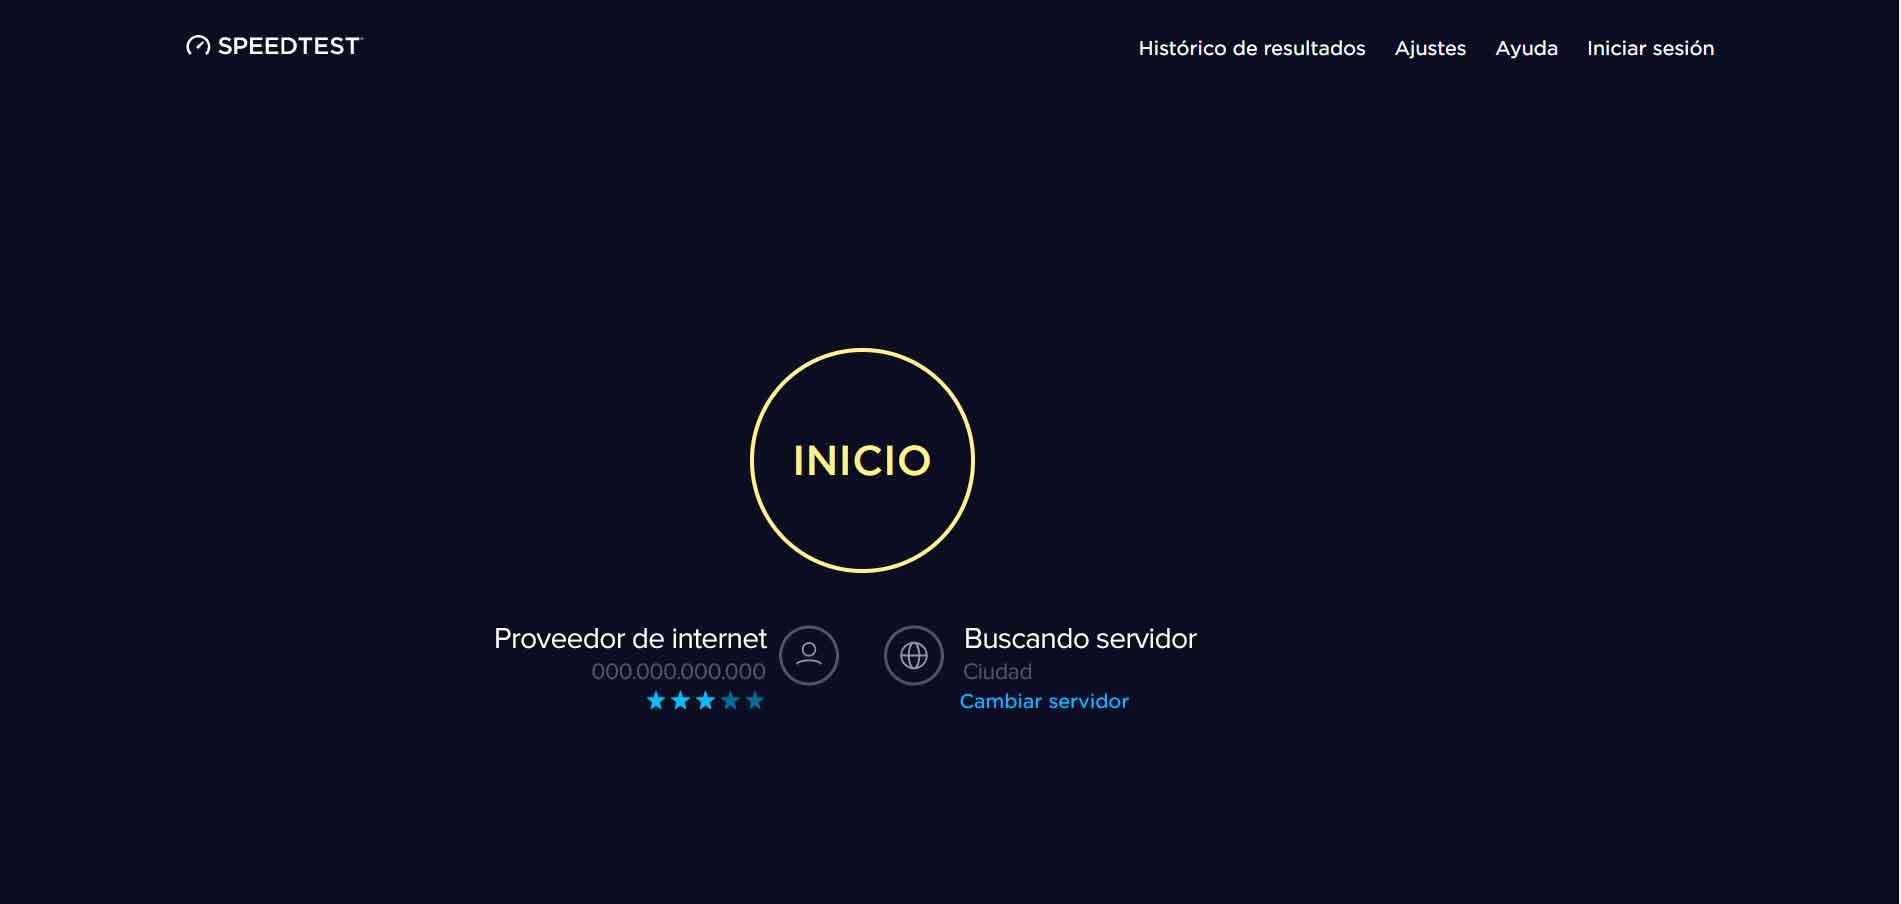 imagen speed test Ookla. Esta herramienta detecta el proveedor de internet, la dirección ip del usuario y el servidor desde el que recibe la señal de internet